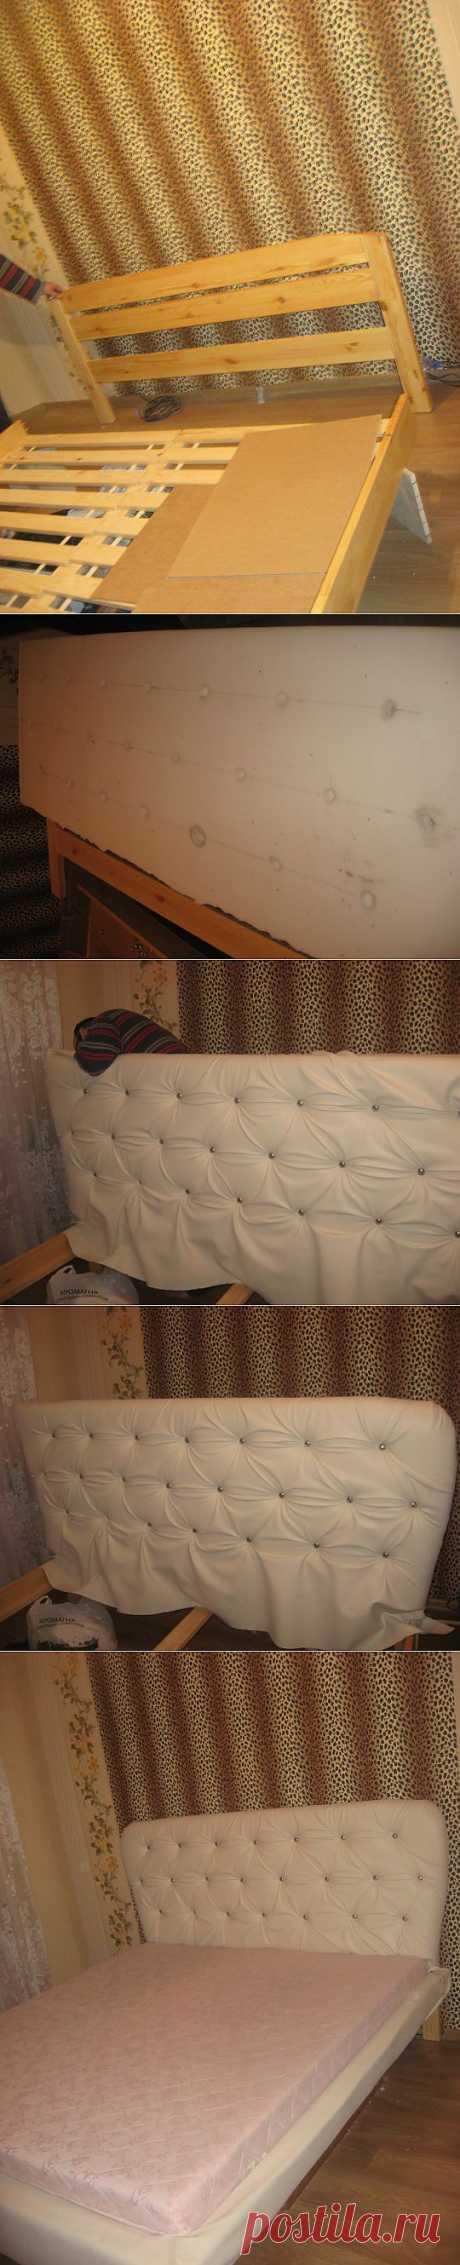 пошаговое изготовление изголовья к кровати своими руками   Школа Ремонта